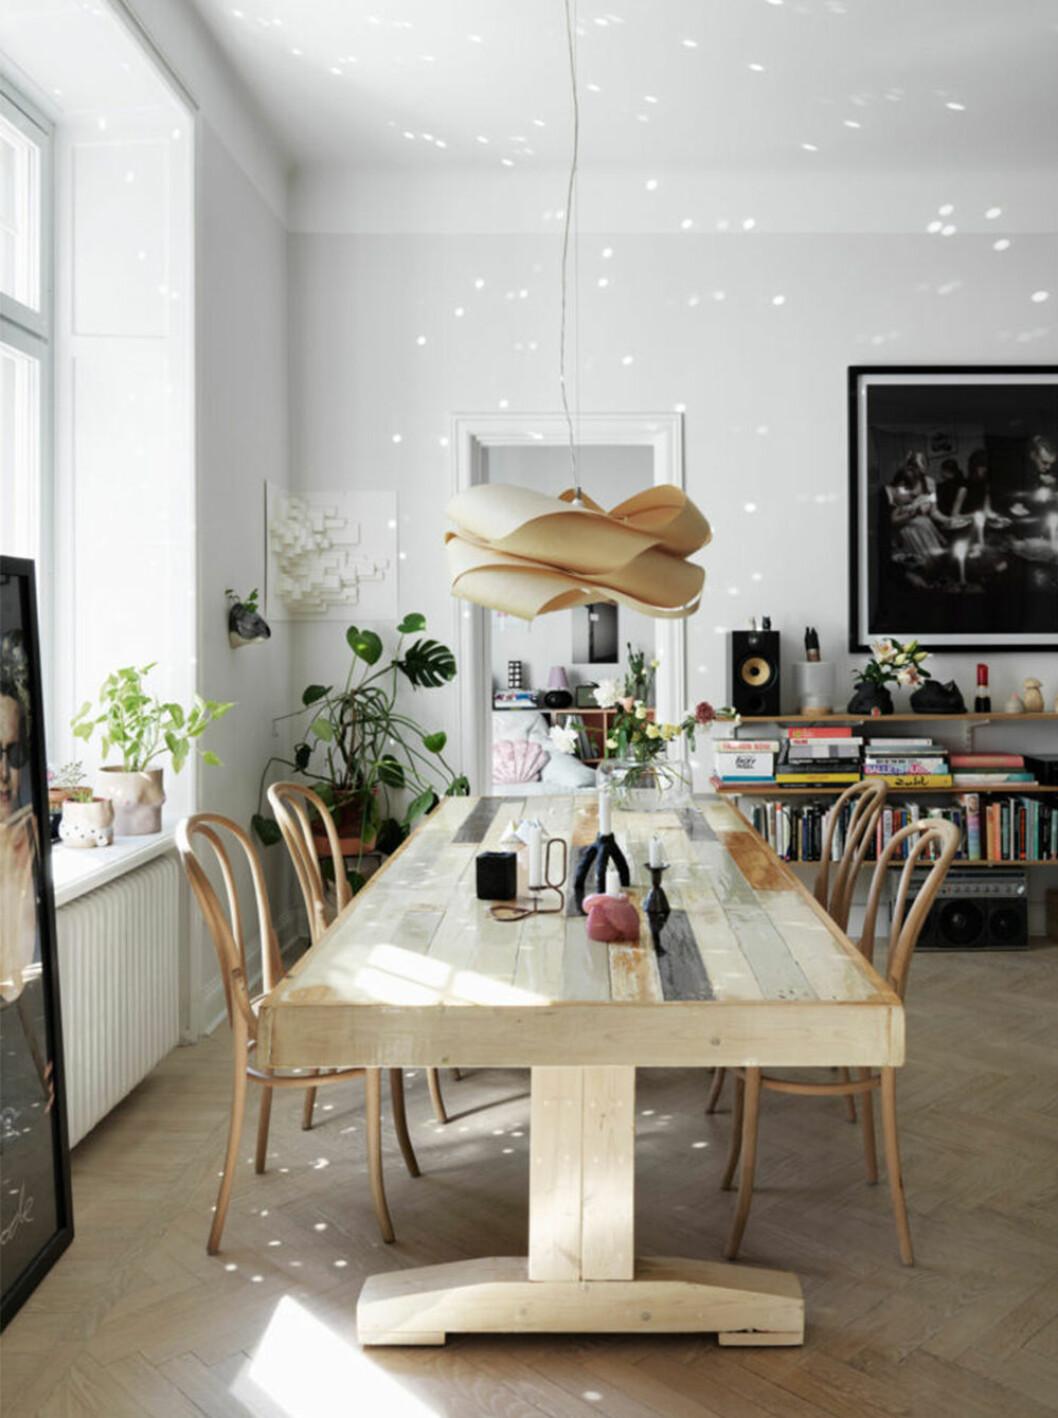 Matbord i trä med thonet-stolar